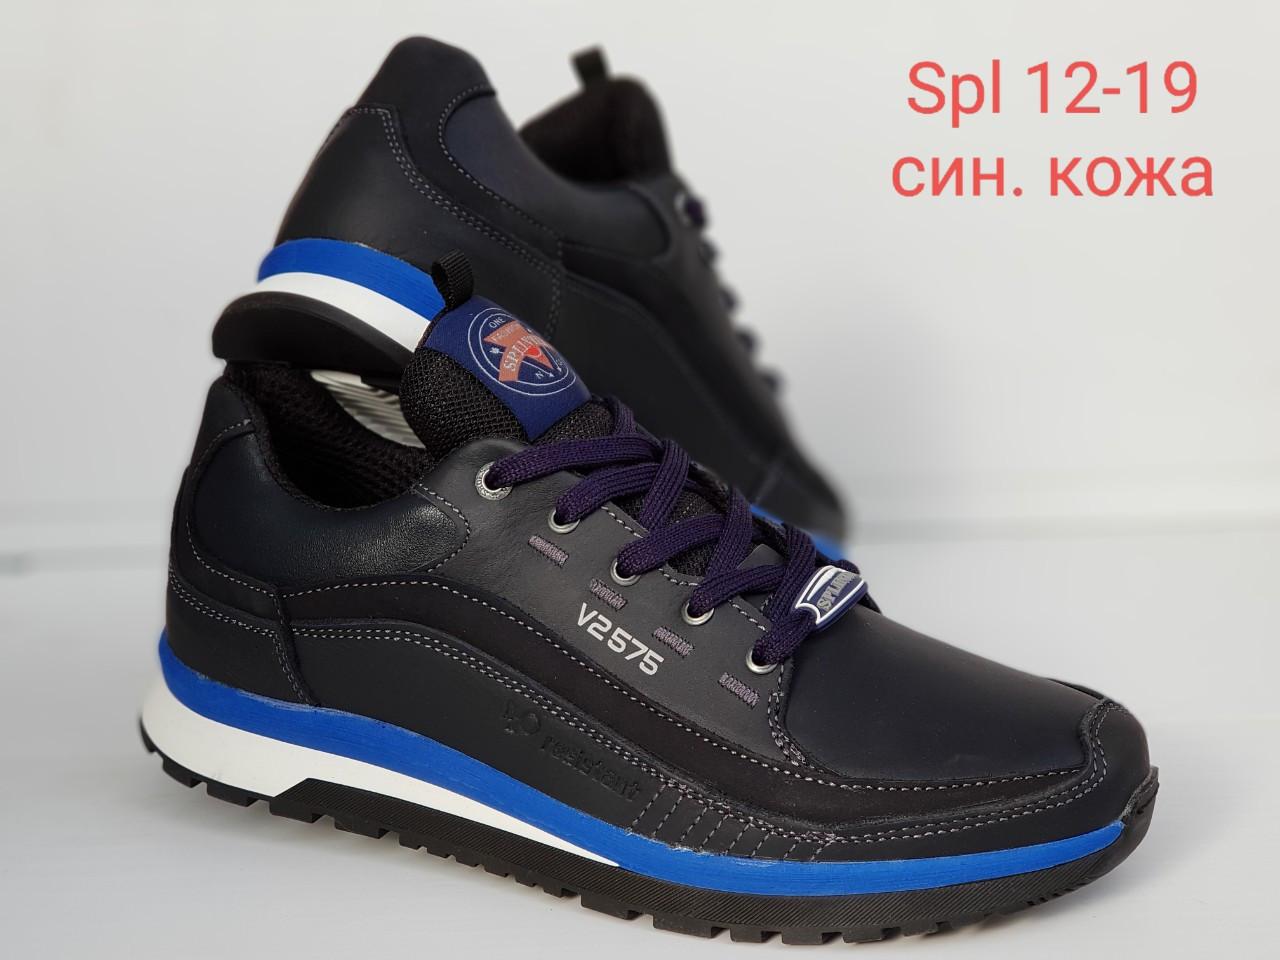 Демисезонные кроссовки Spl 12-19 кожа синие